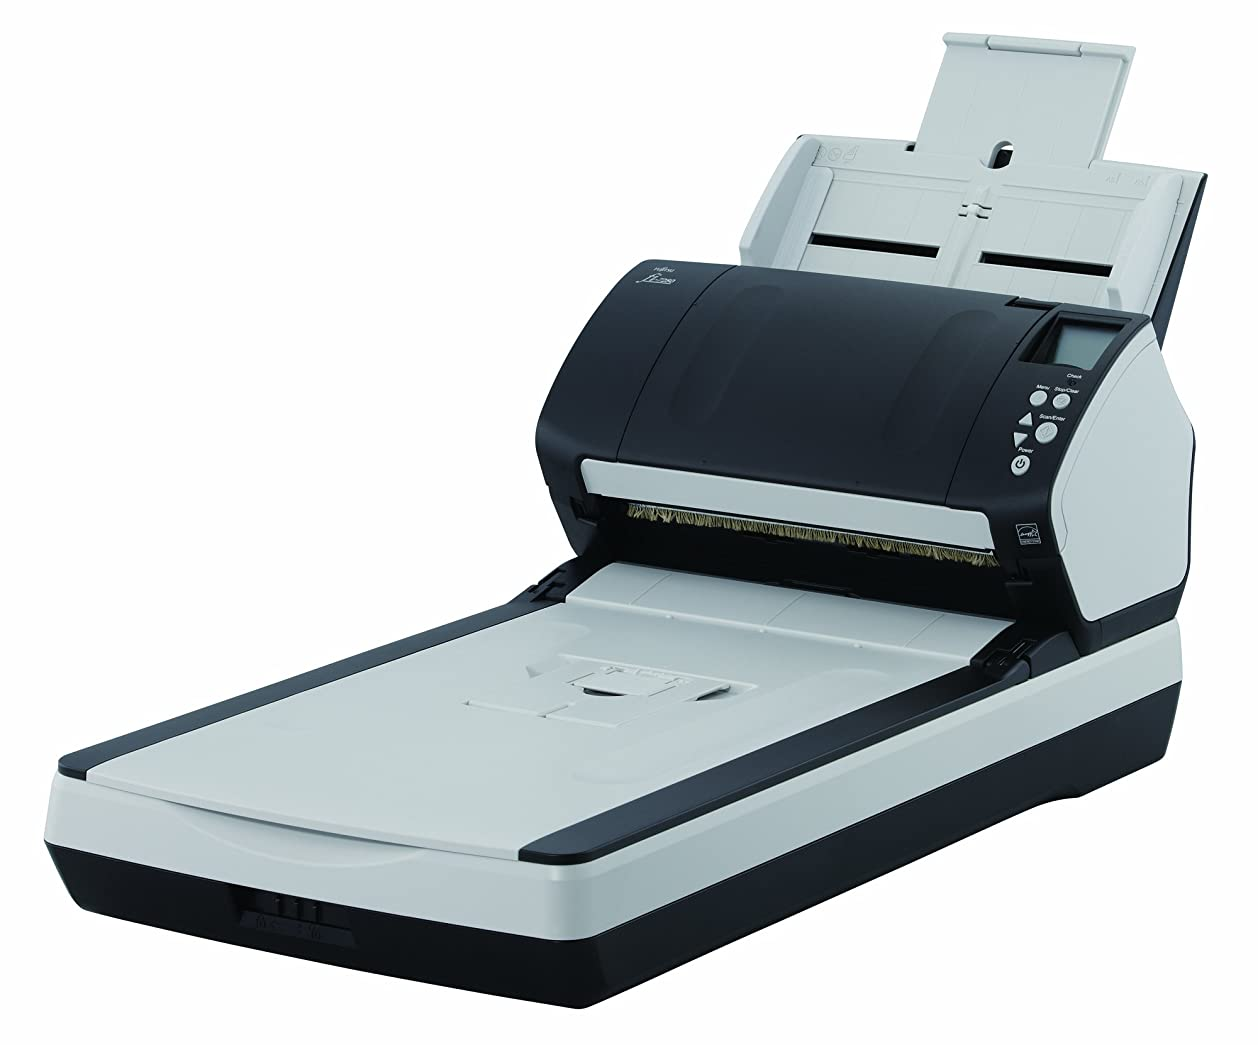 モニターモディッシュ主流富士通 A4両面カラースキャナ フラットベッド付モデル fi-7280 FI-7280